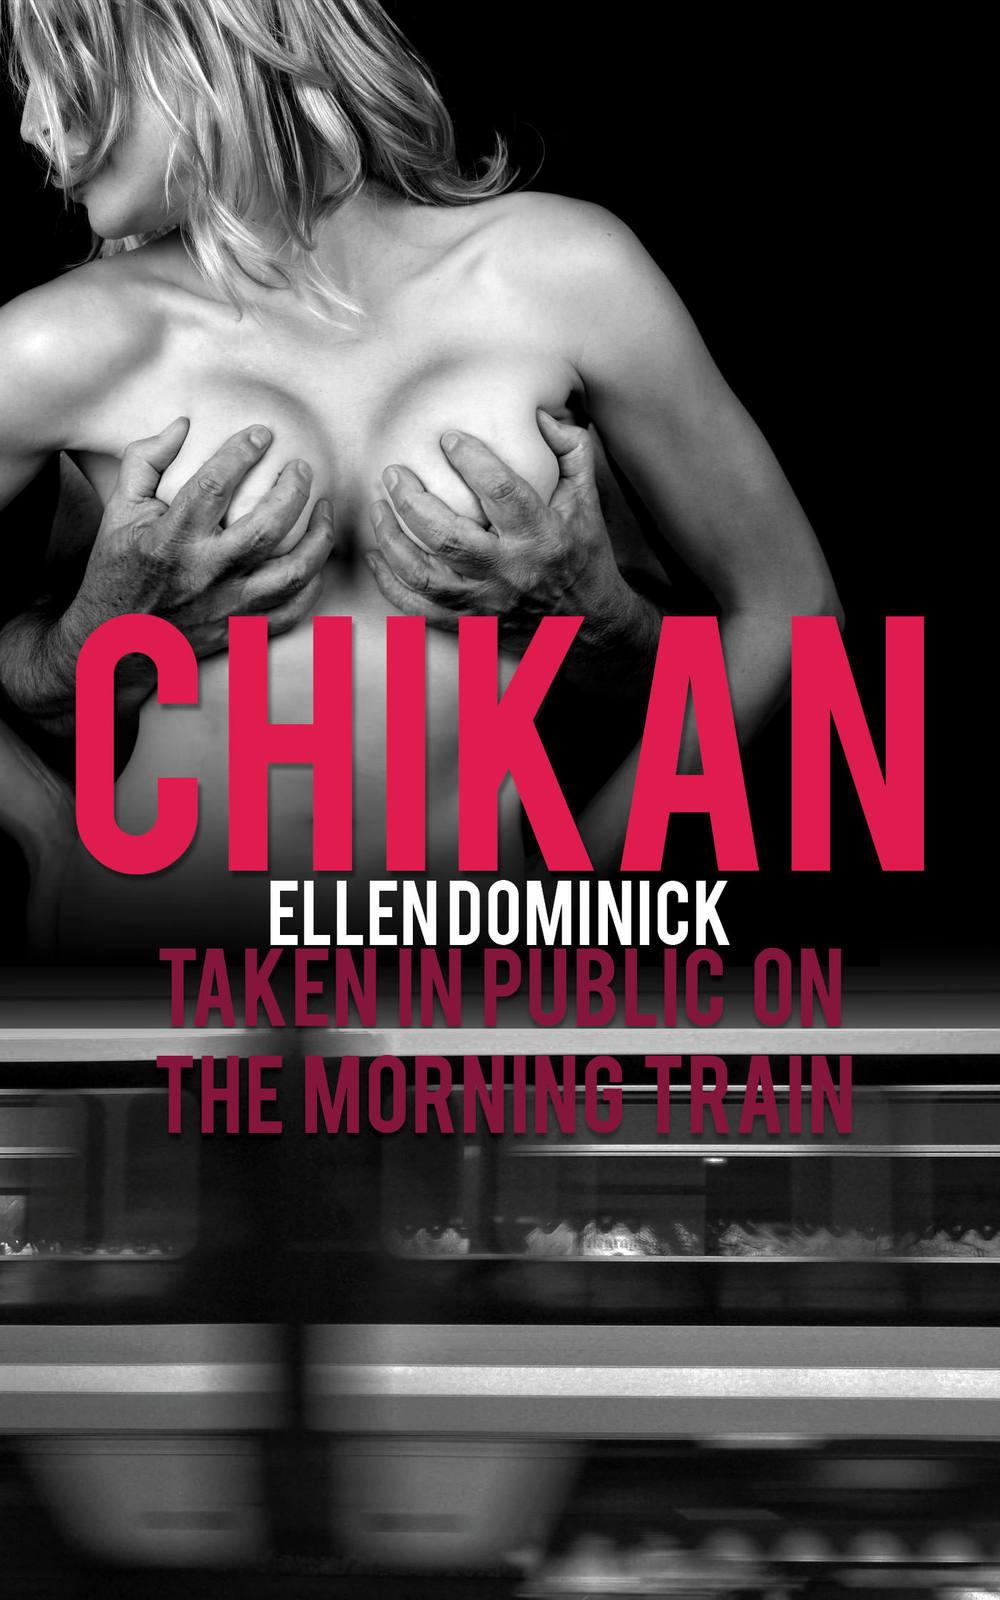 chikan.jpg